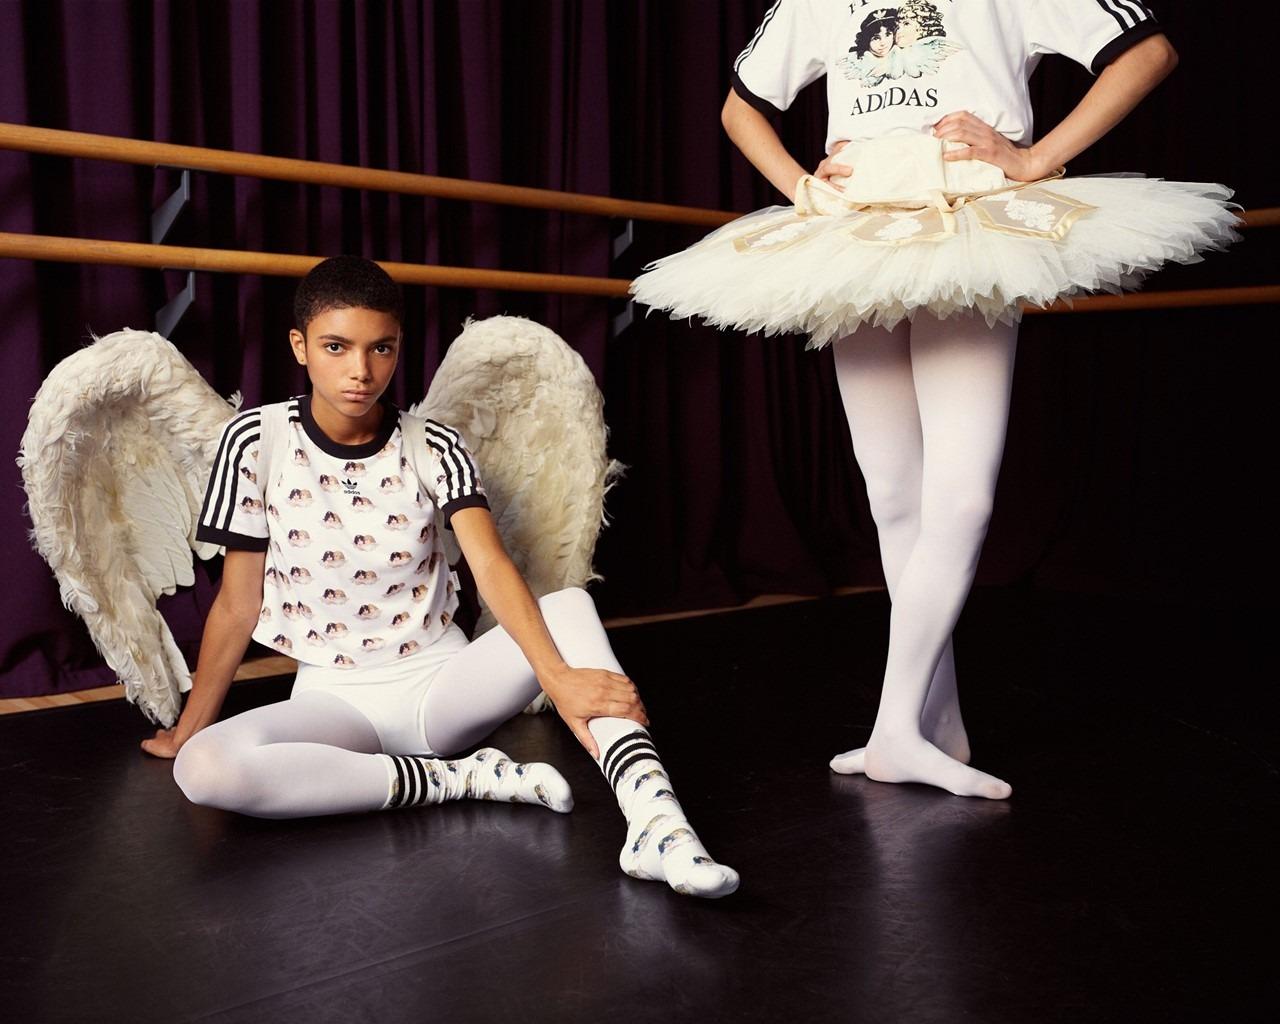 Fiorucci lanza una colaboración sportswear con adidas Originals centrada en sus icónicos querubines retro